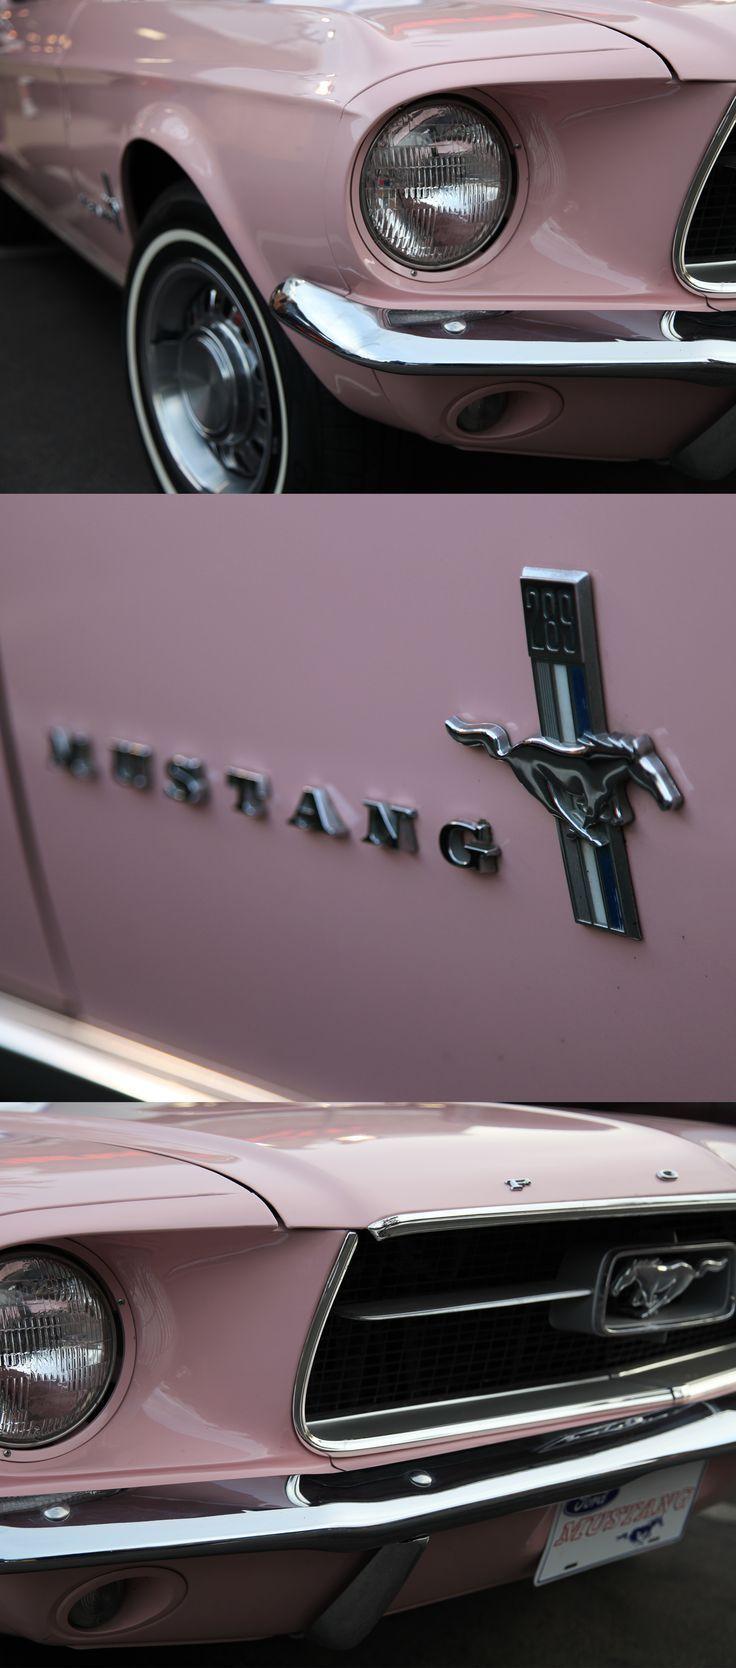 1967 Ford Mustang. Eines der originalen 1.066 bemalten Dusk Rose. Noch ein rosa Pon ...   - cars -